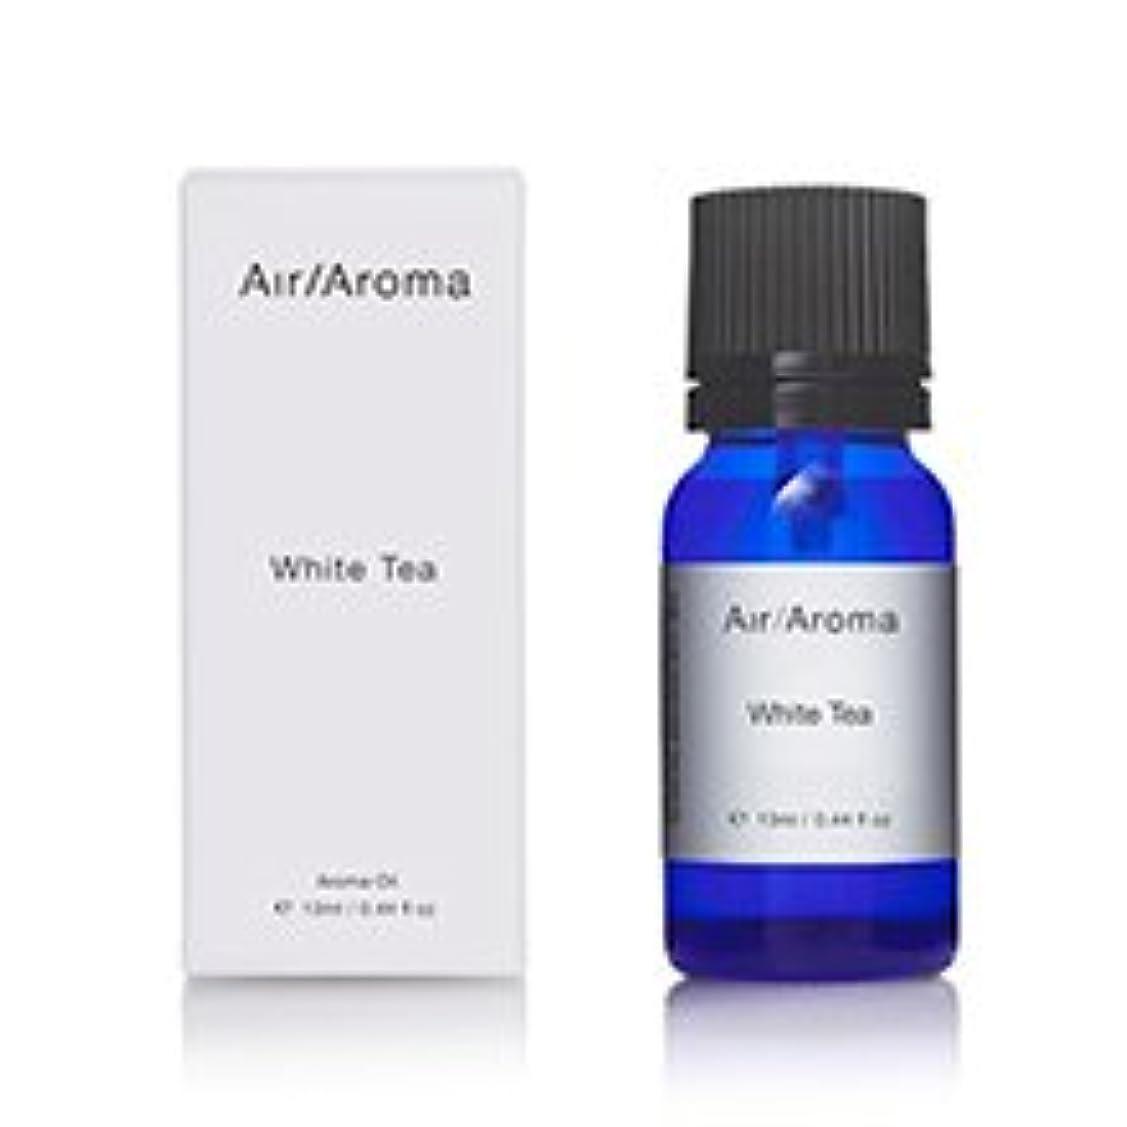 エアアロマ White Tea (ホワイトティー) 13ml